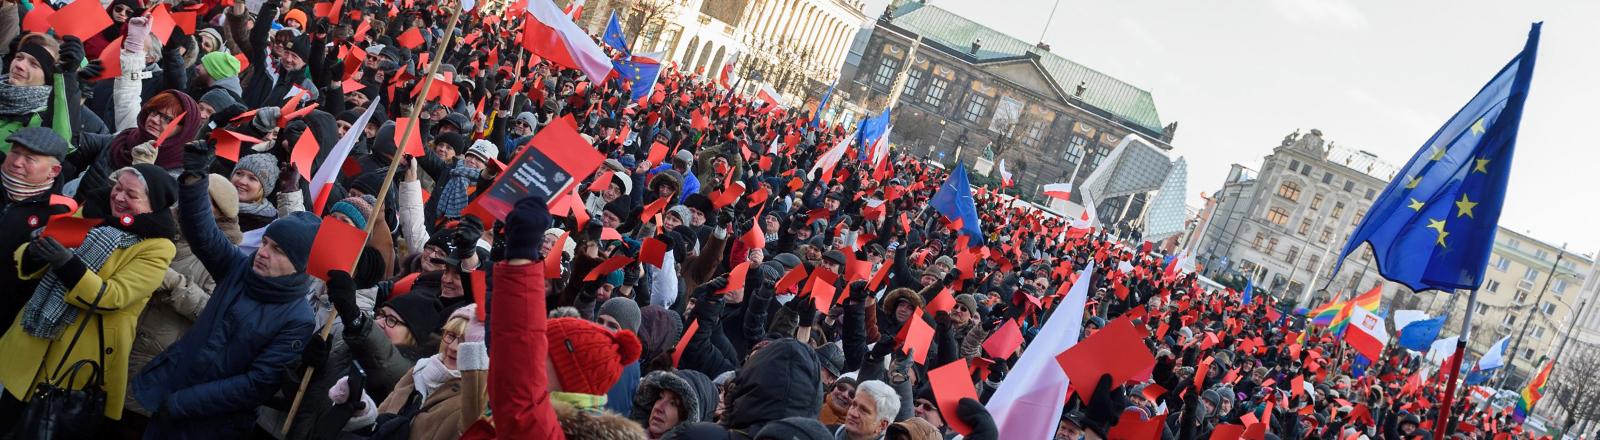 Menschen in Polen demonstrieren in Poznan am 02.02.2016 und zeigen die Rote Karte.